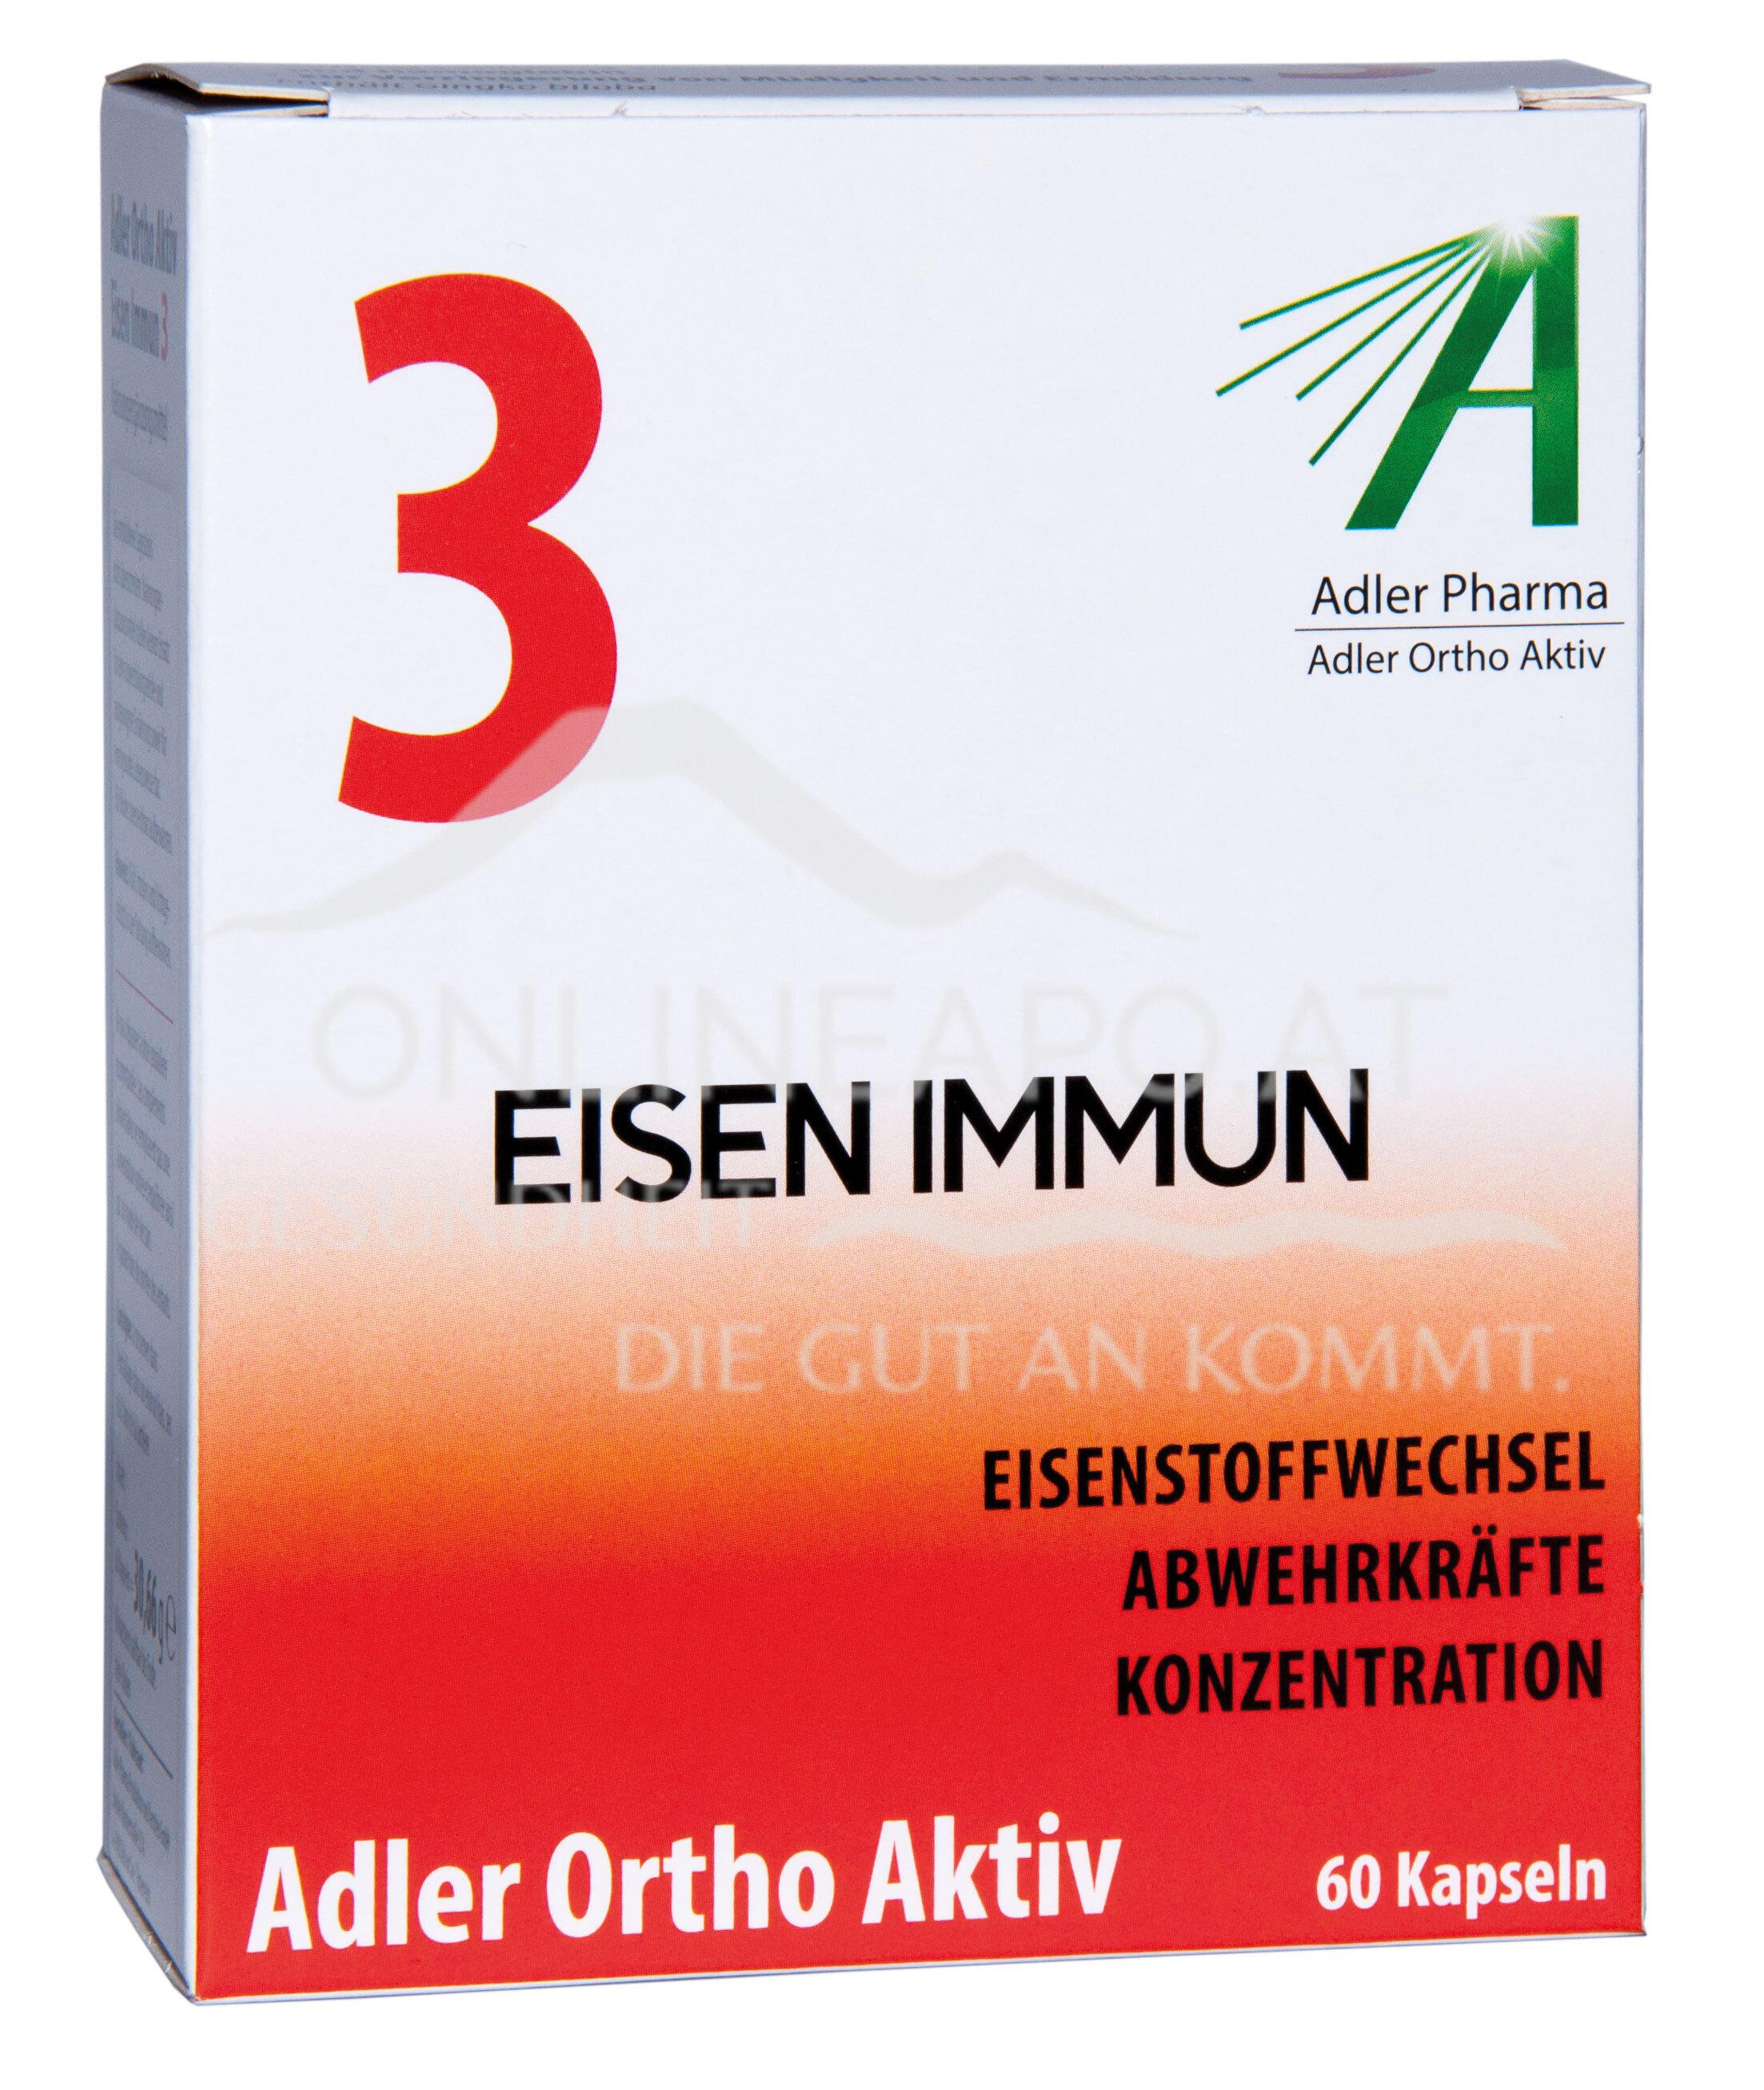 Adler Ortho Aktiv Nr. 3 Eisen Immun